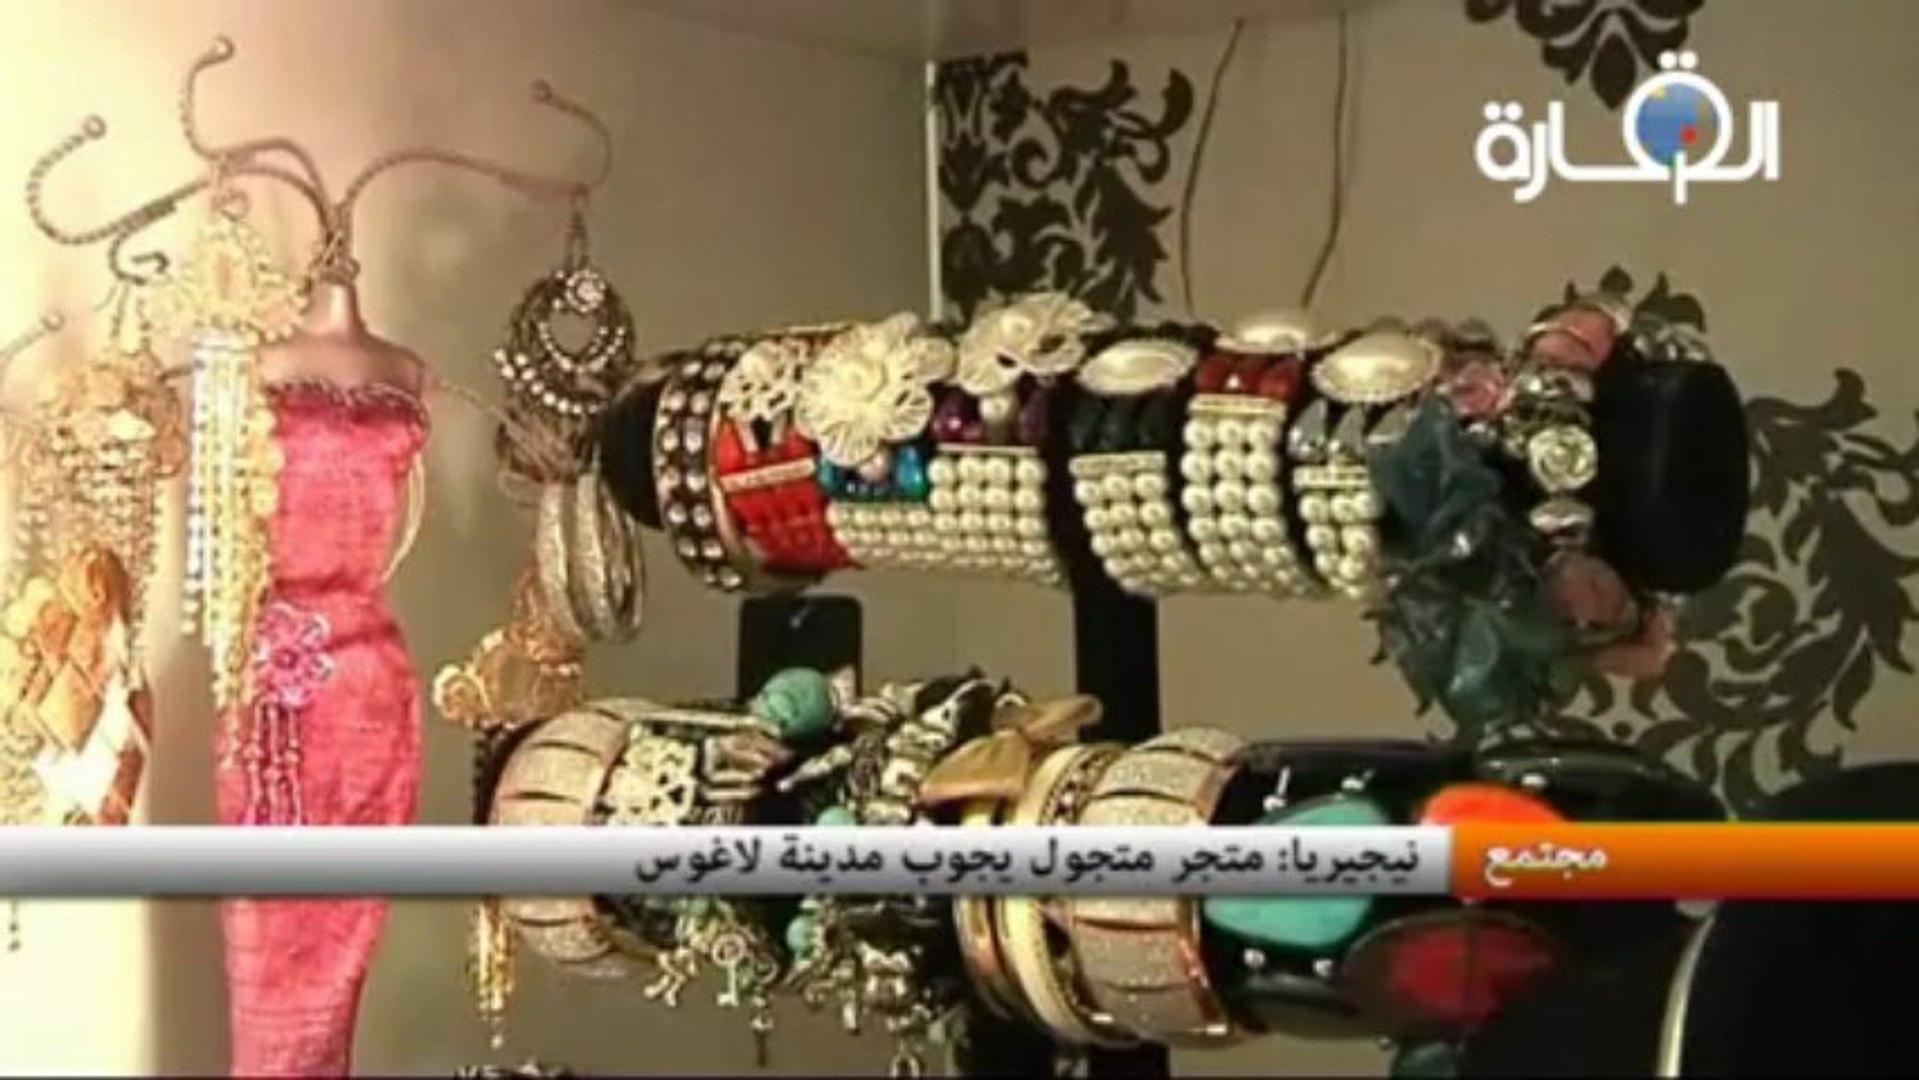 صور.. ضبط وتحرير 145 محضر ومخالفة وبائع متجول فى حملات إزالات ...